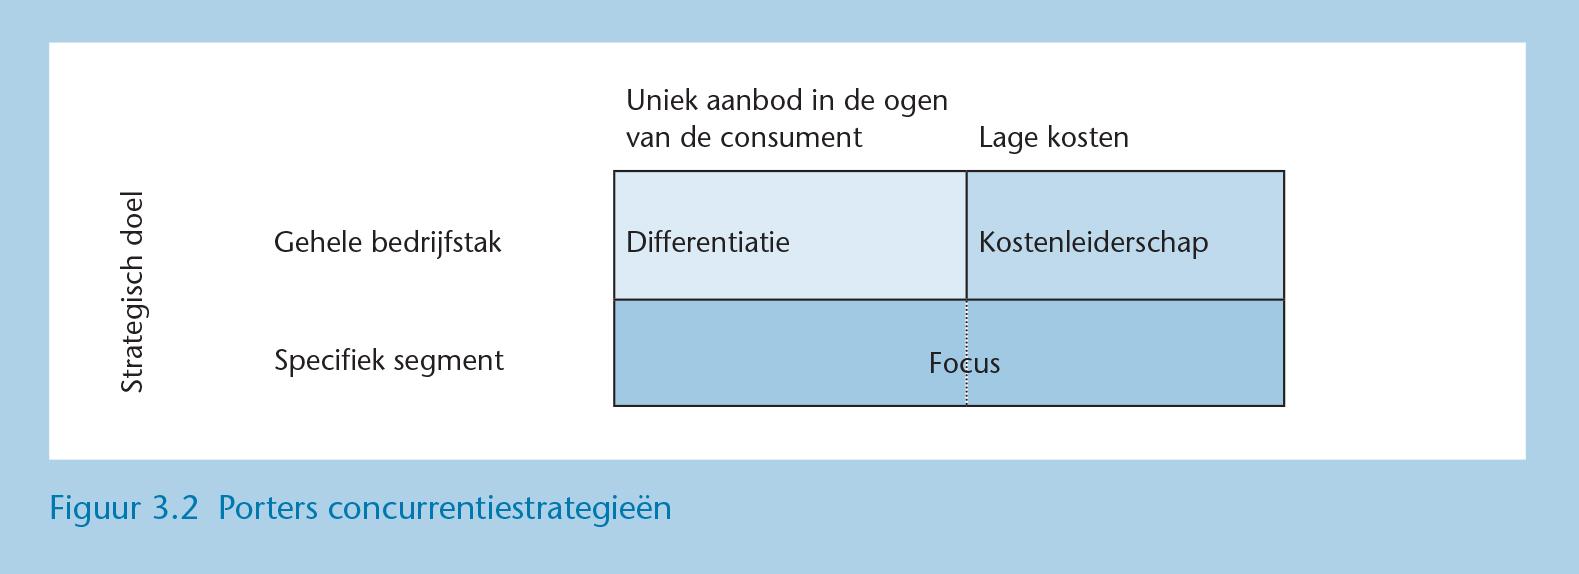 Nichemarkt en ROI - Concurrentiestrategieen van Porter Figuur_3-3